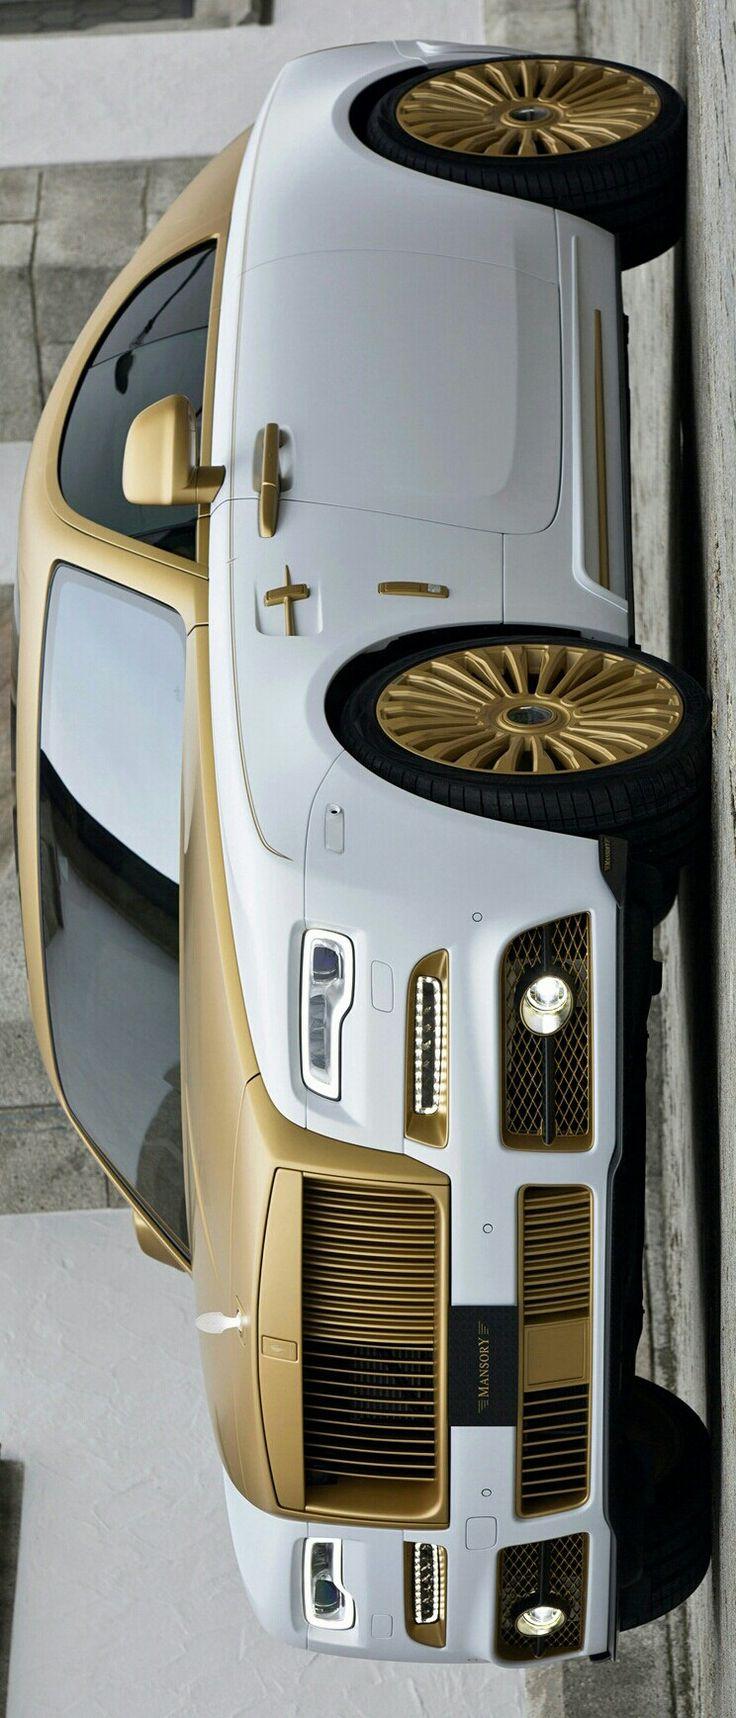 2016 Rolls Royce Wraith Palm Edition 999 Mansory by Levon